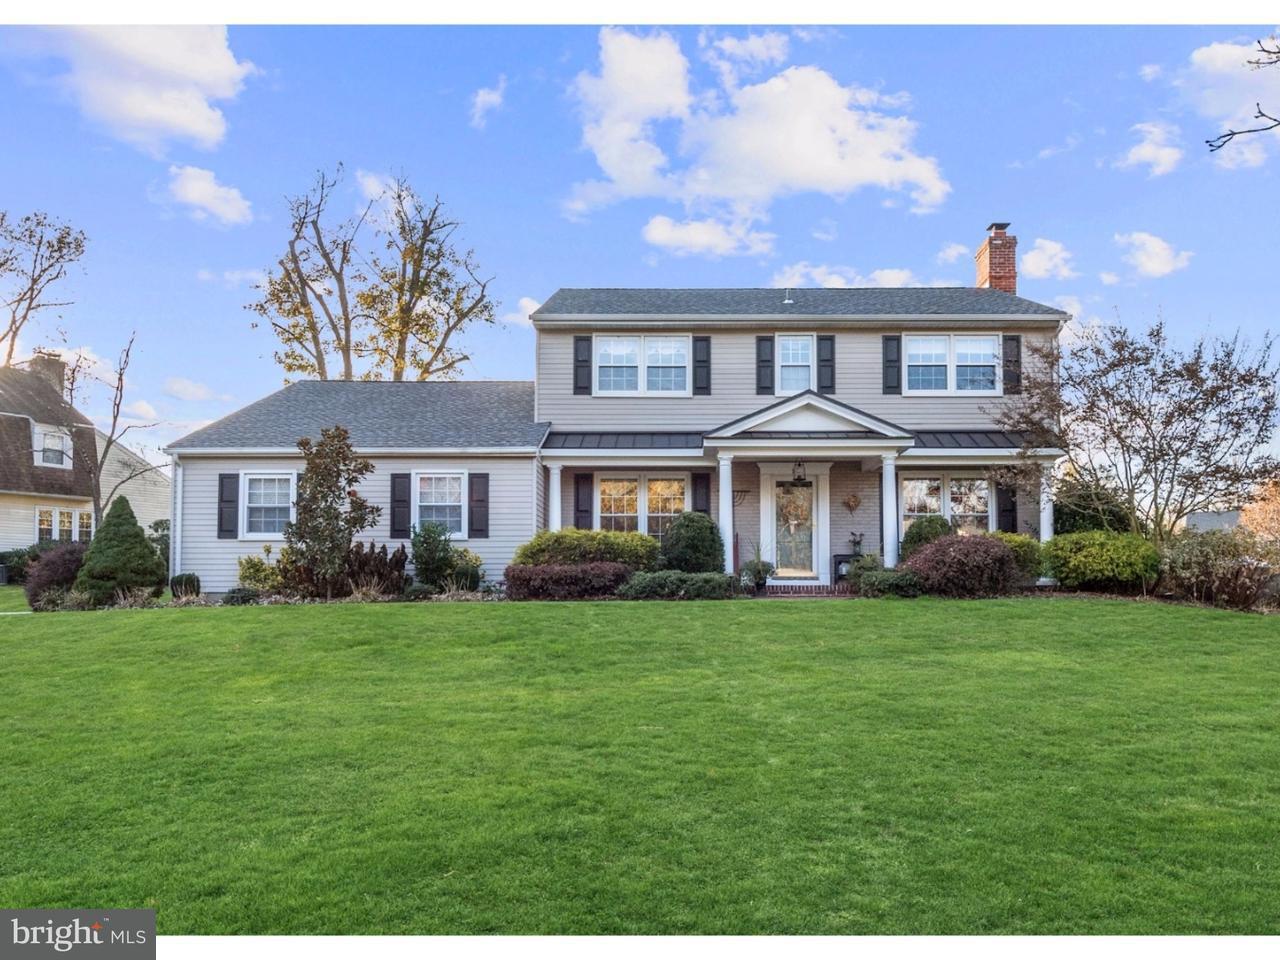 Maison unifamiliale pour l Vente à 10 CARRIAGE WAY Cinnaminson, New Jersey 08077 États-Unis